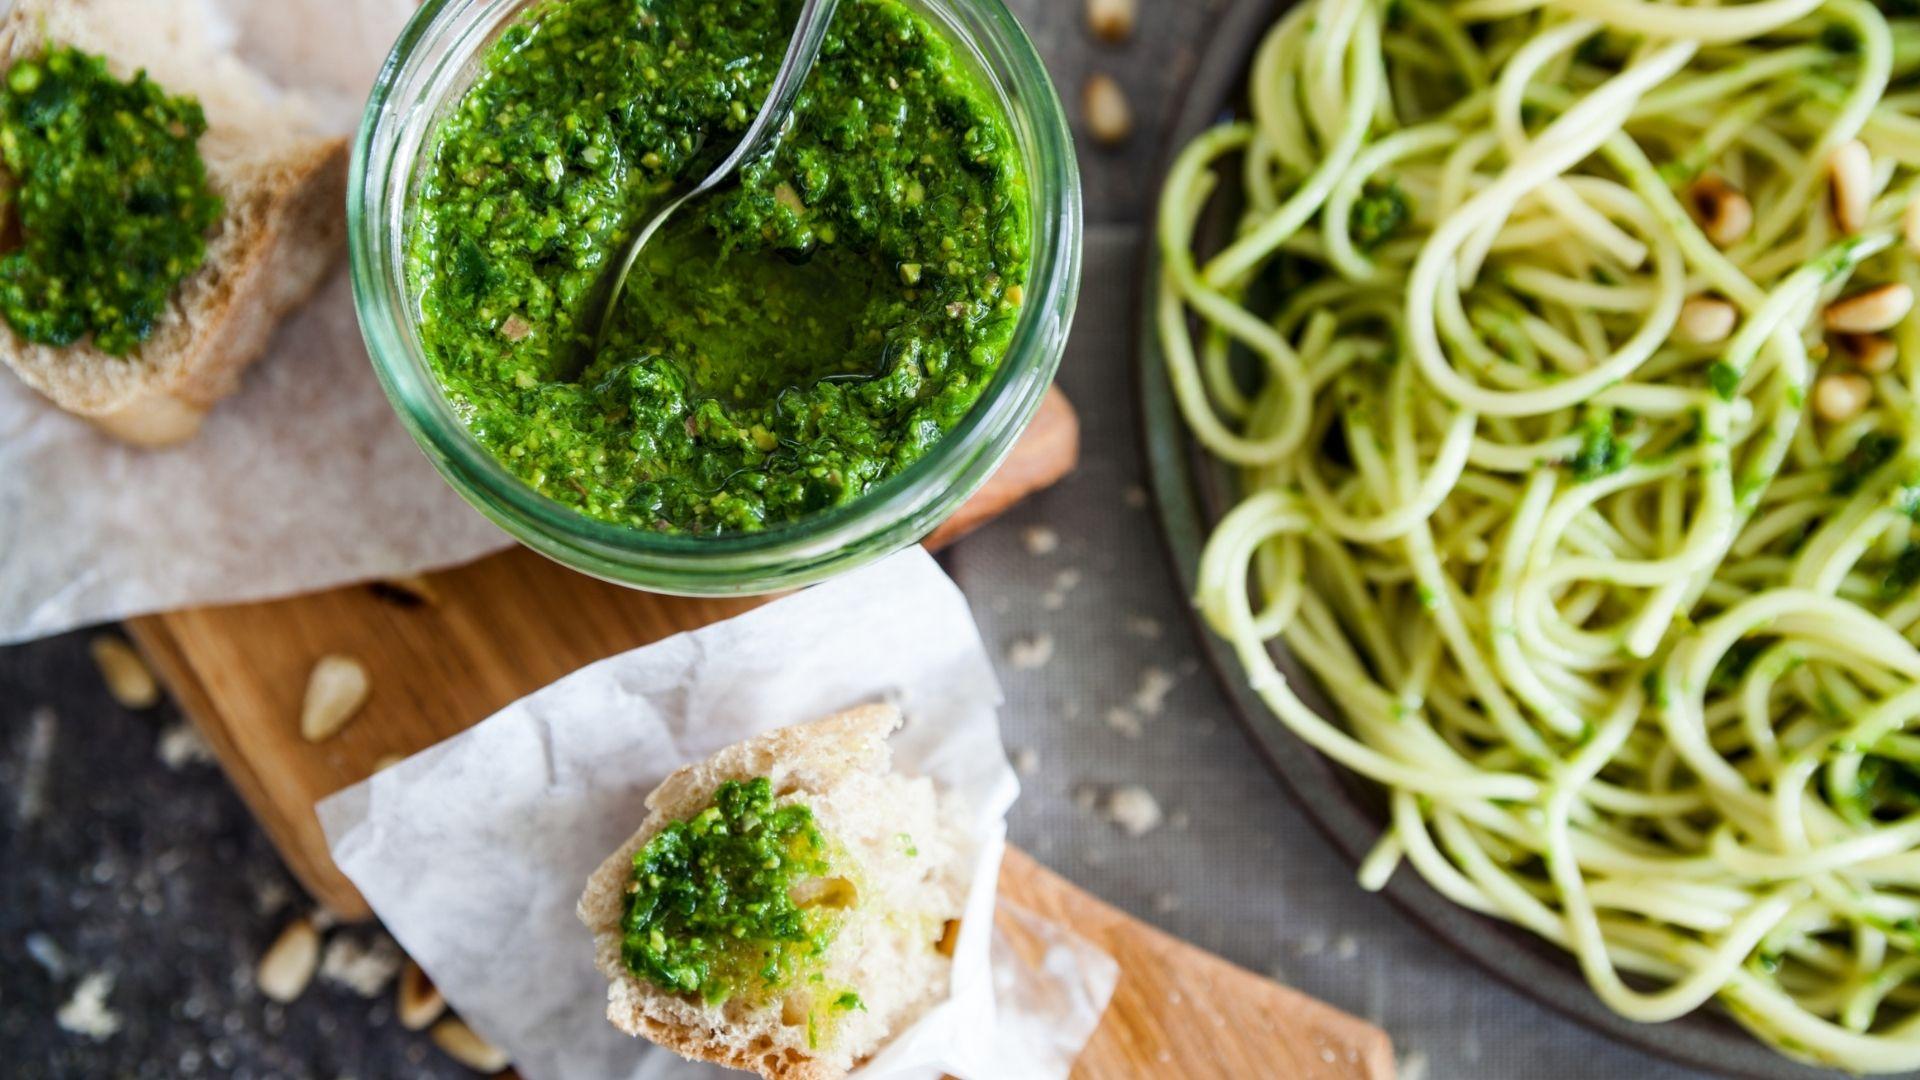 Pesto on bread with noodles-RecipesAndMe.com